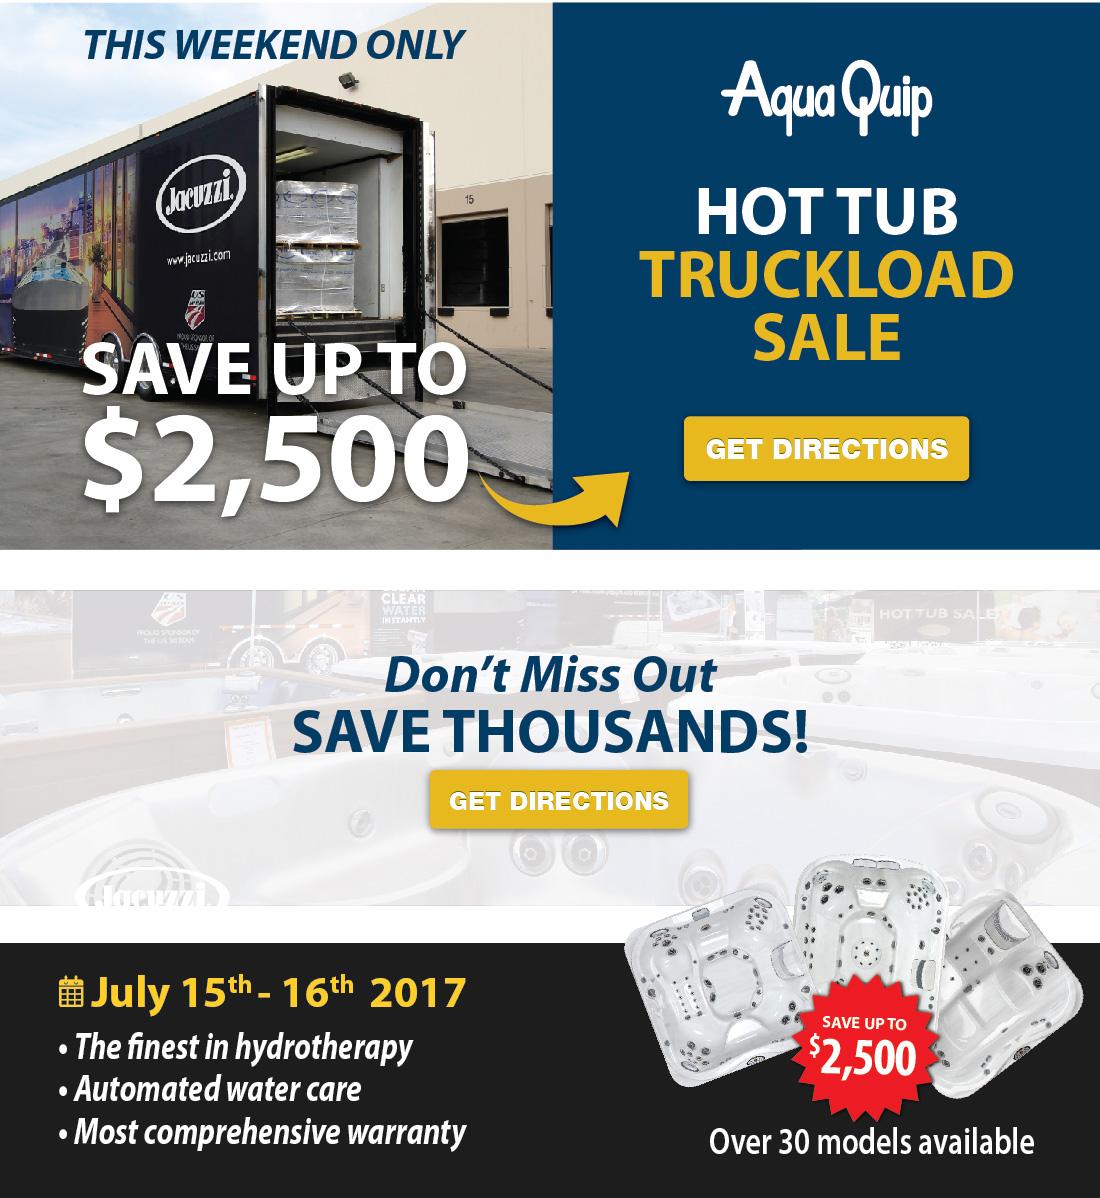 Aqua Quip | HOT TUB SALE, Bellevue Hot Tub truckload SALE ...